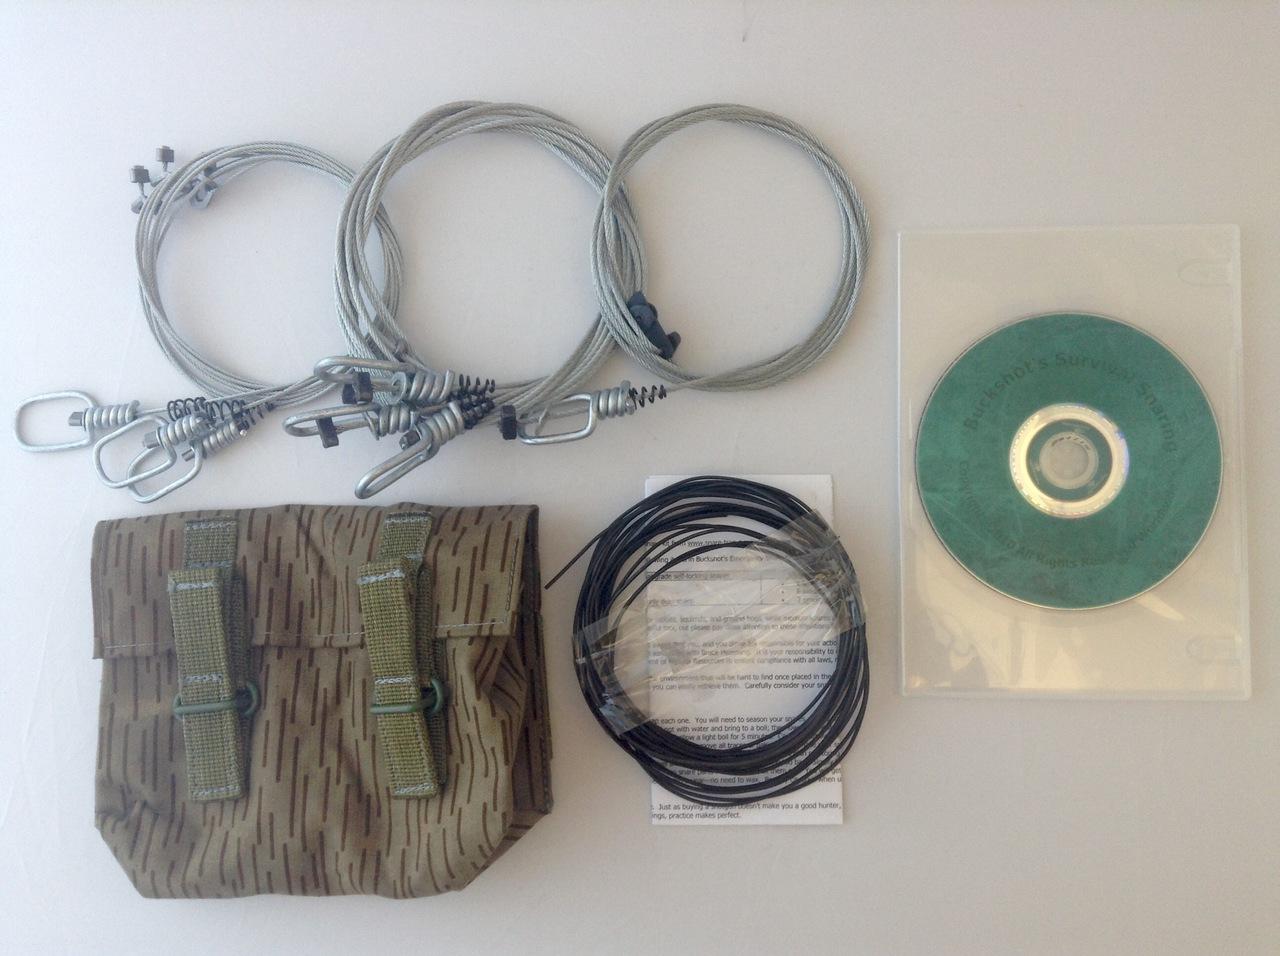 Buckshot's Small Snare Kit & Survival Snaring DVD